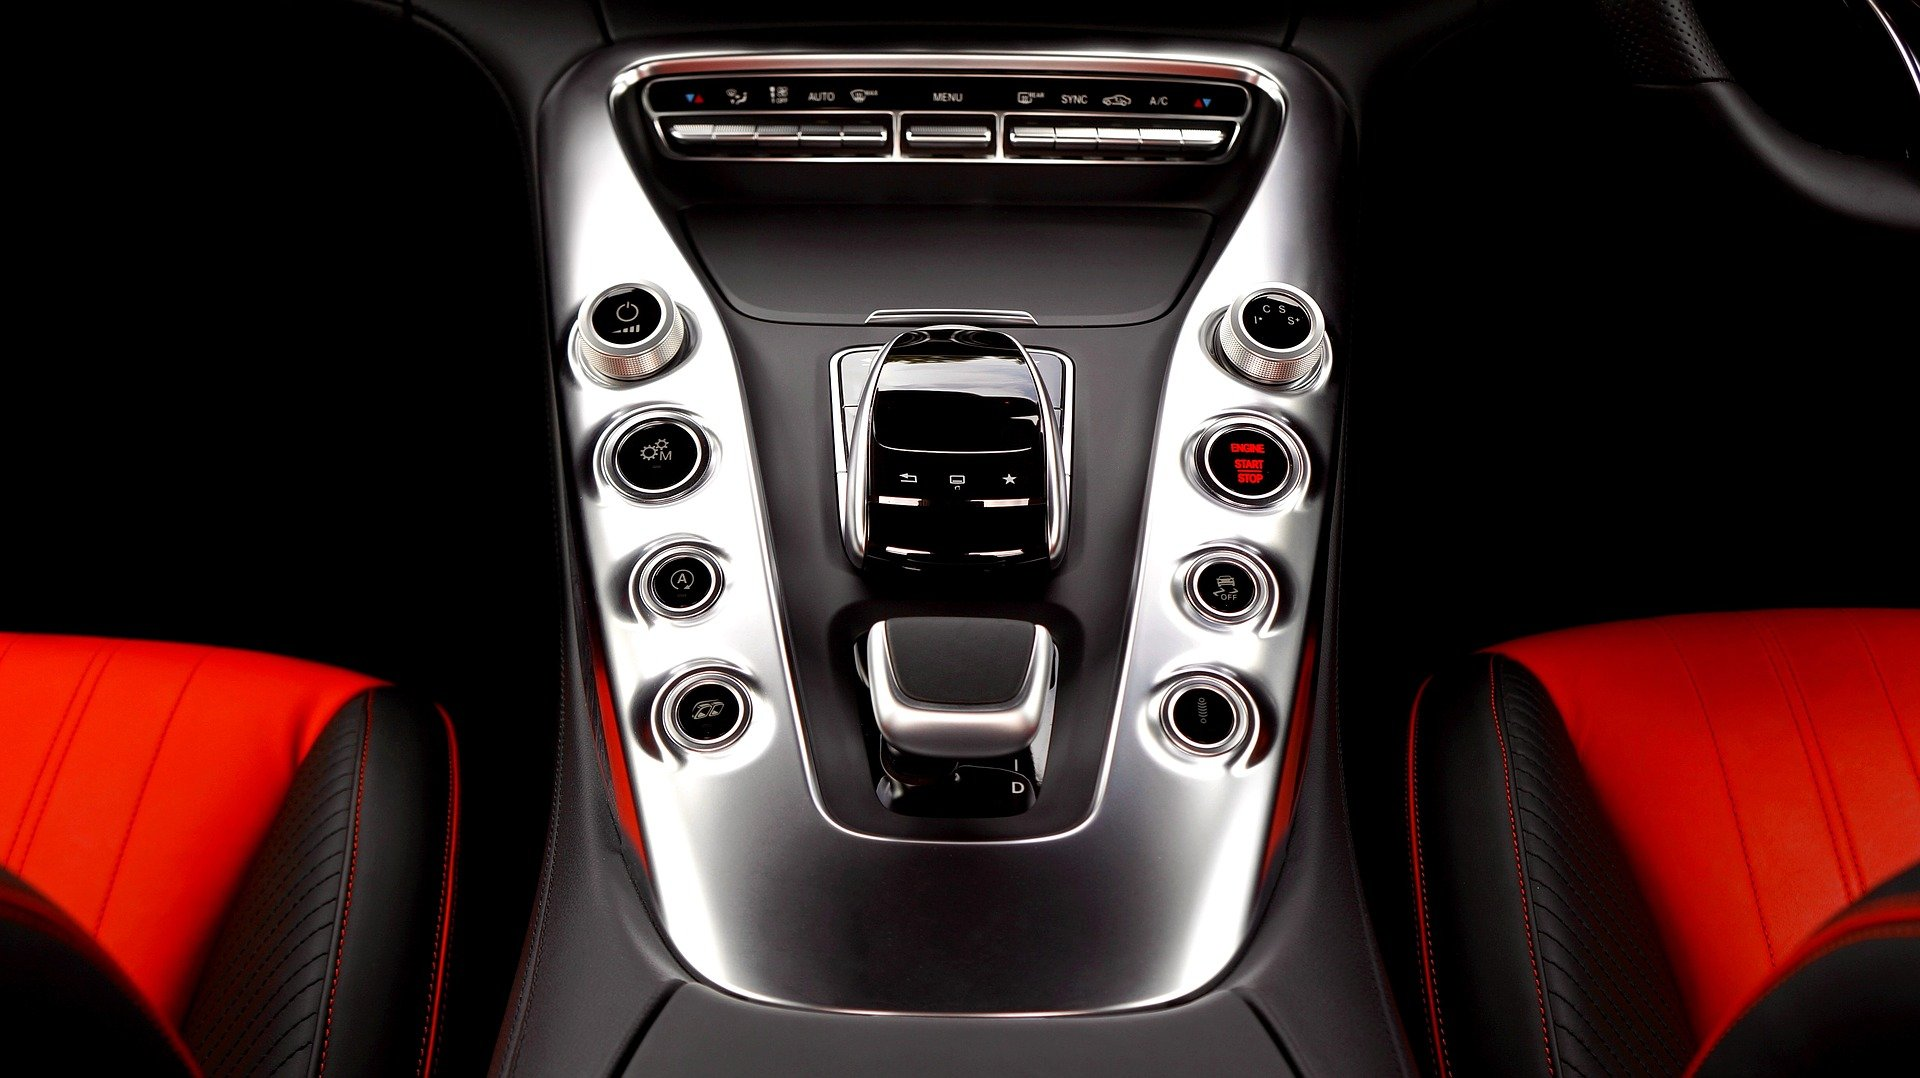 Quels sont les meilleurs modèles Mercedes des dernières années ?